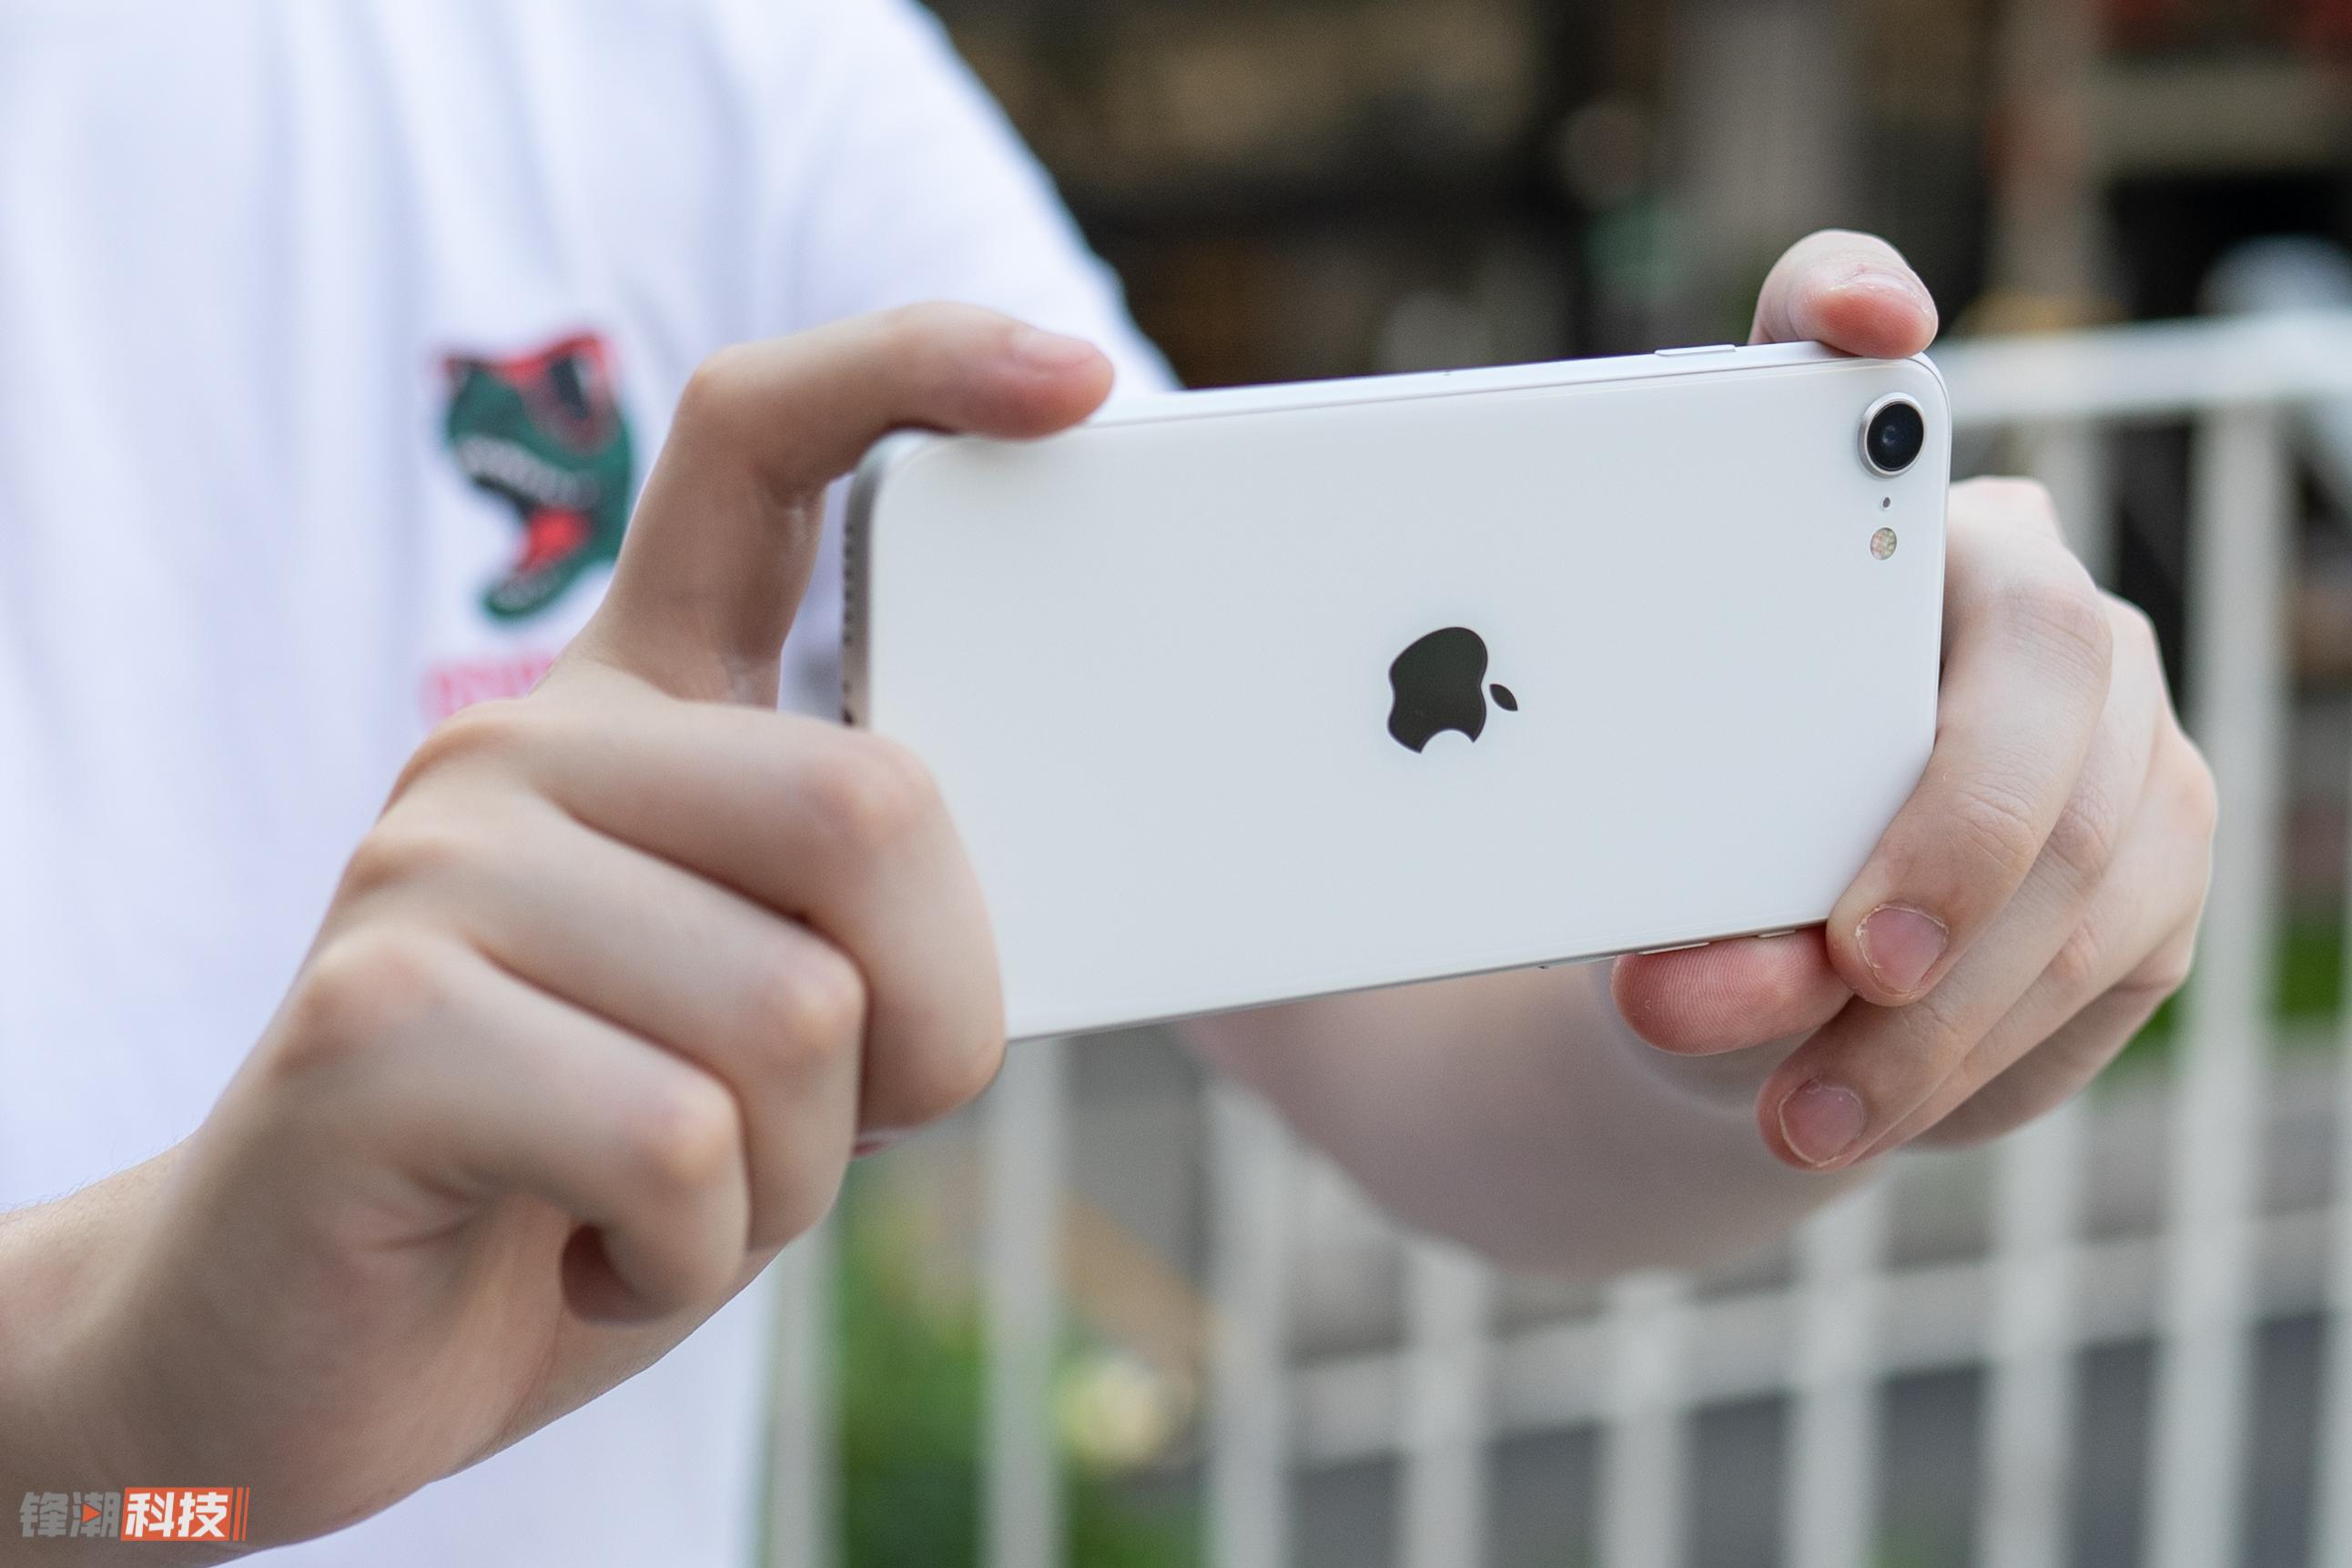 【力皮西】苹果生态的最后一步,iPhone SE2 帮你完成